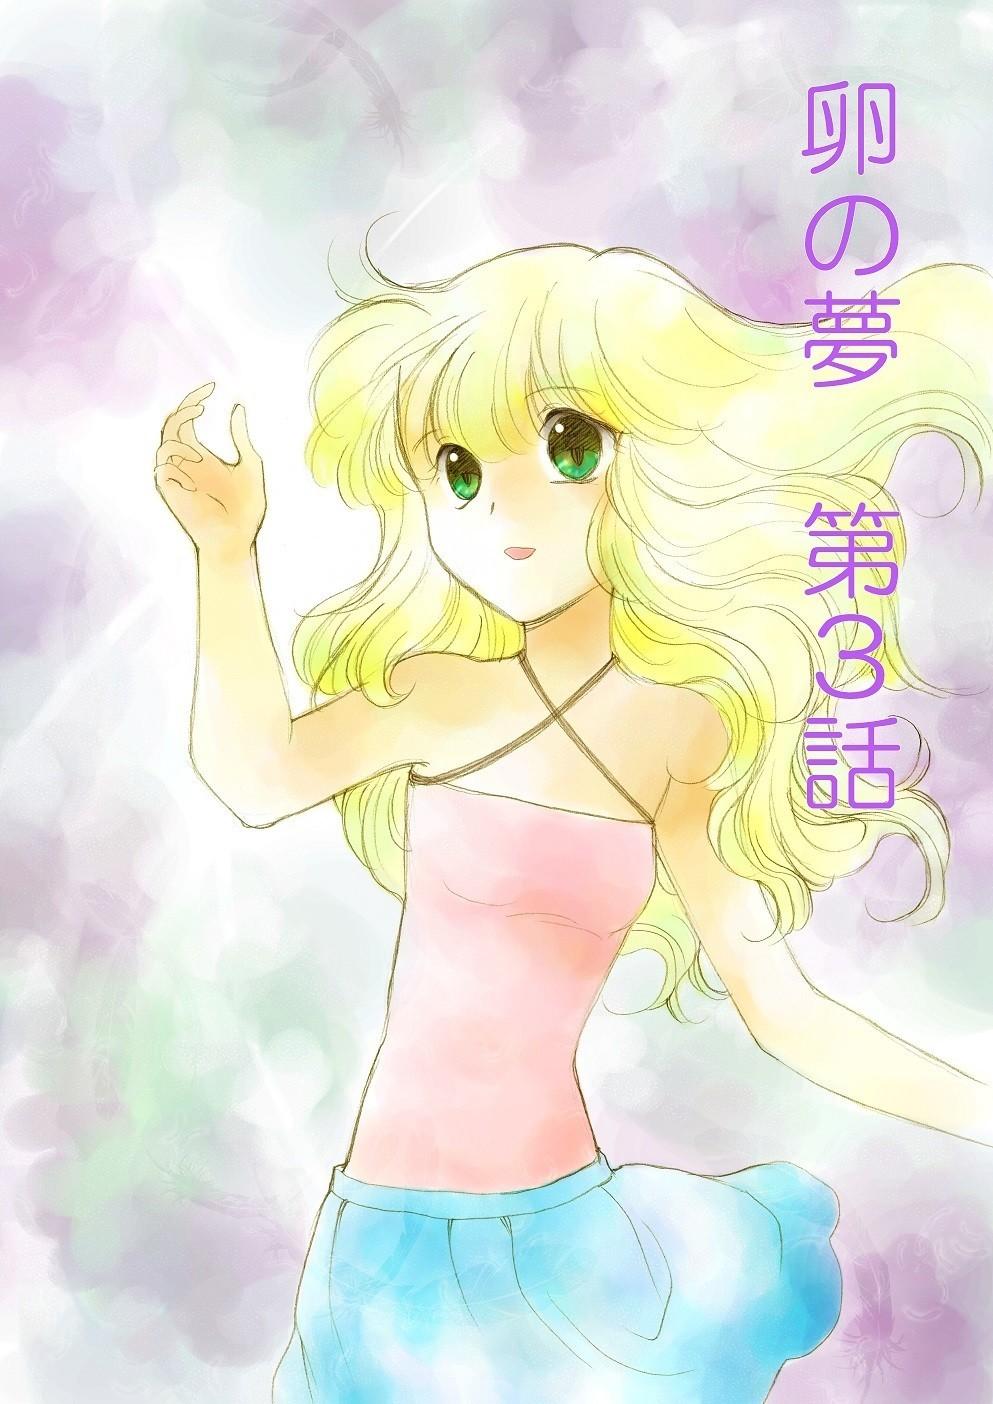 「卵の夢」第3話 アルファポリスの方にも投稿しています。https://www.alphapolis.co.jp/manga/156516777/585262249